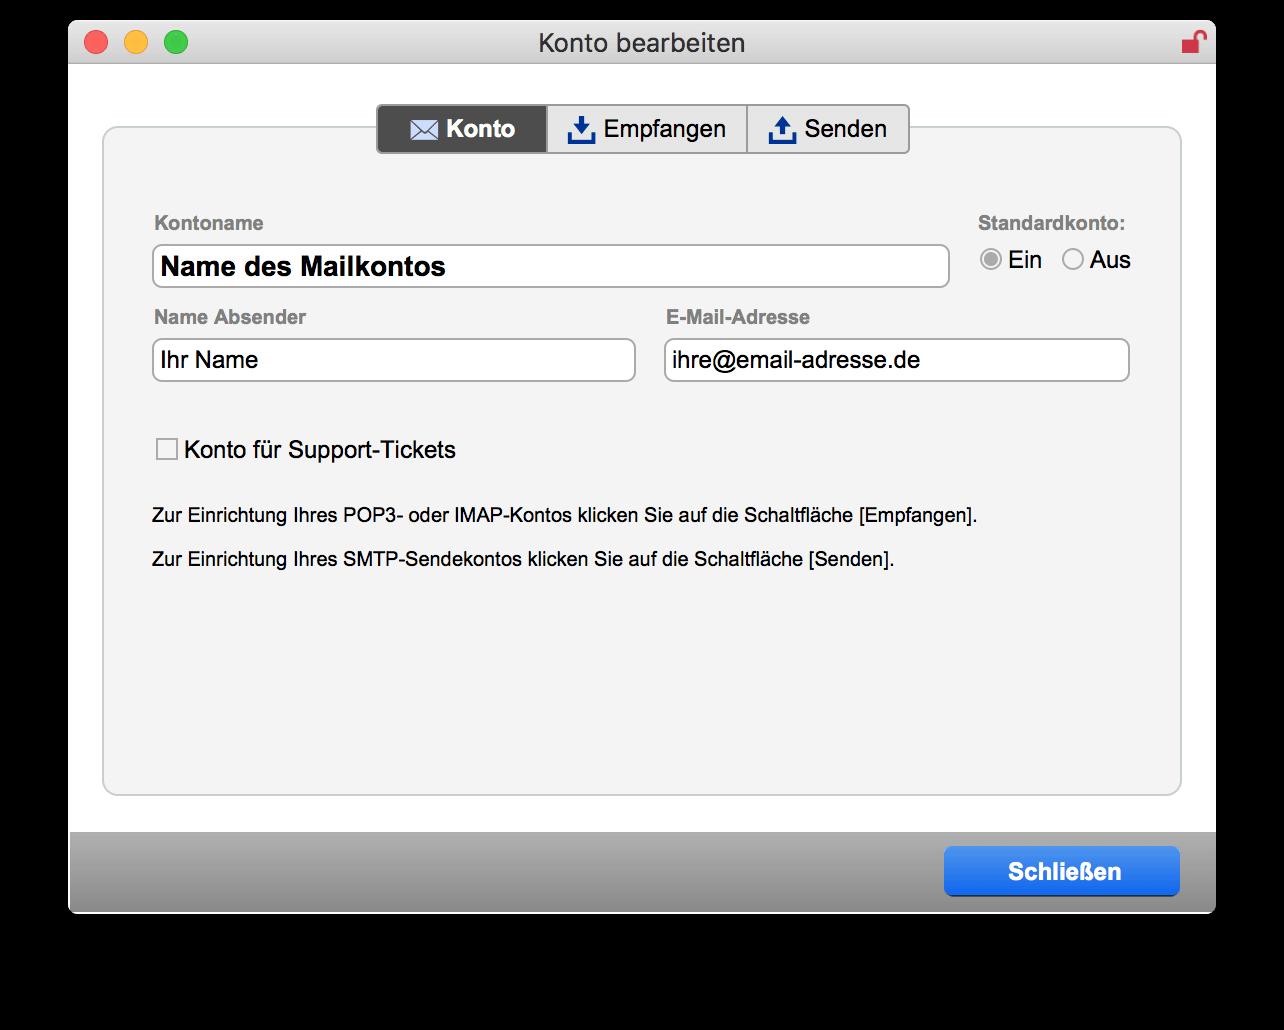 Neues E-Mail-Konto erstellen